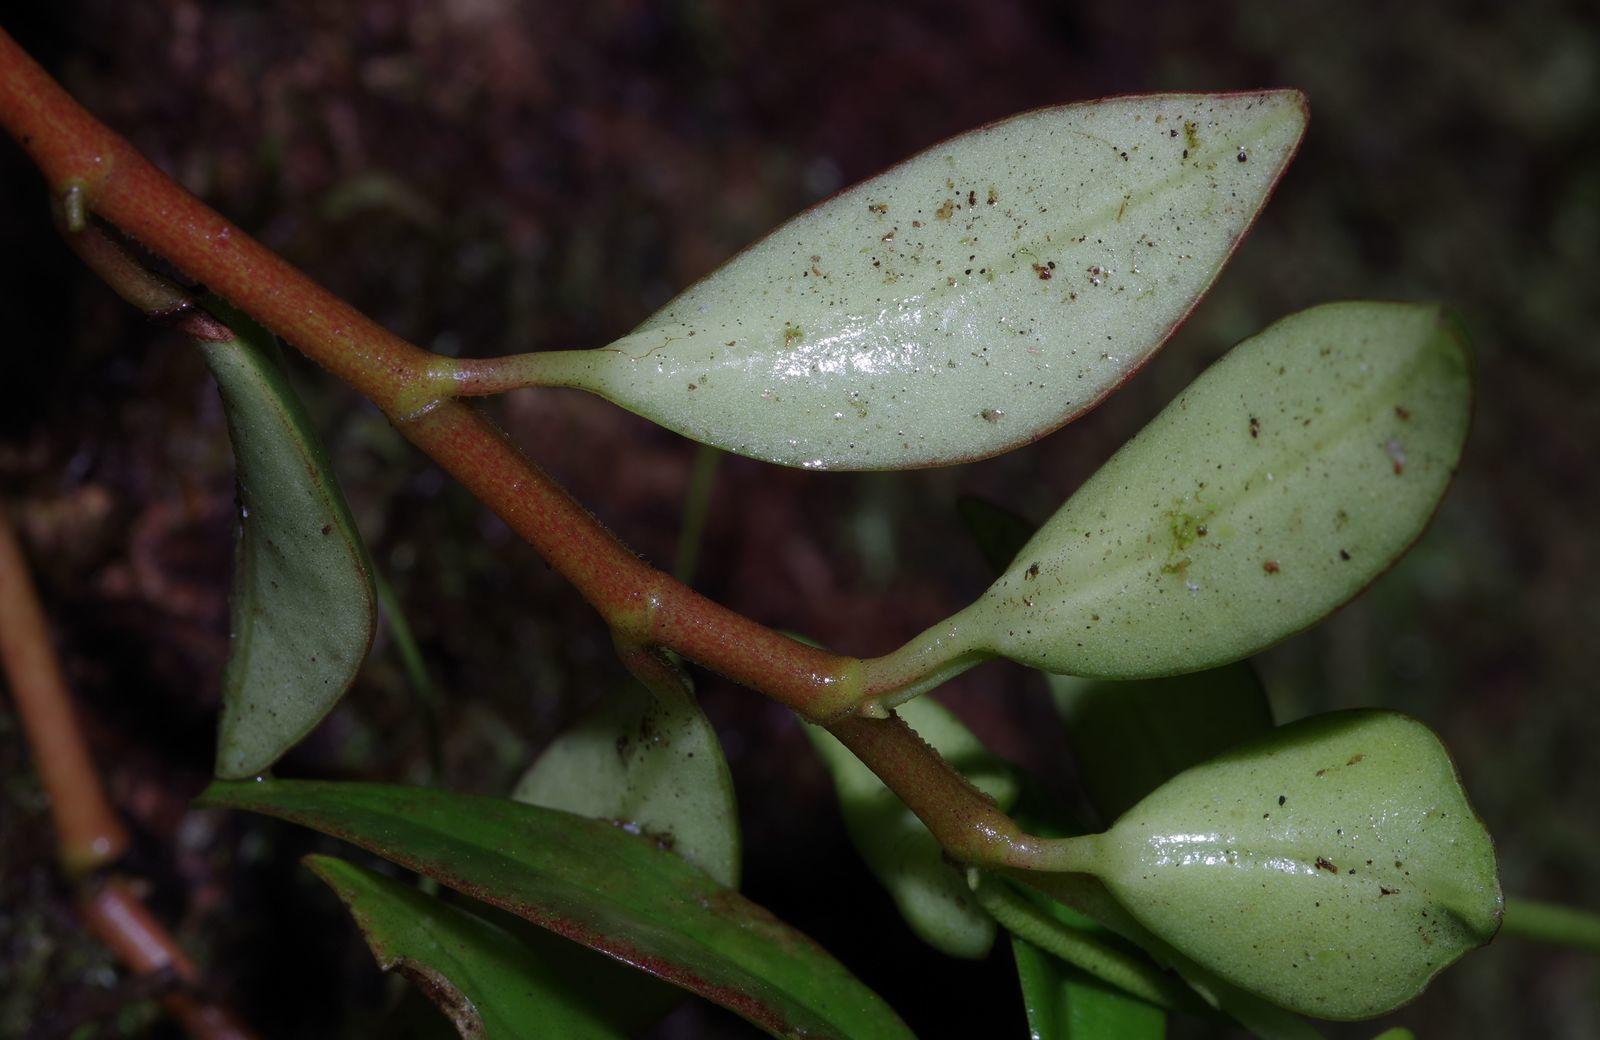 Peperomia glabella